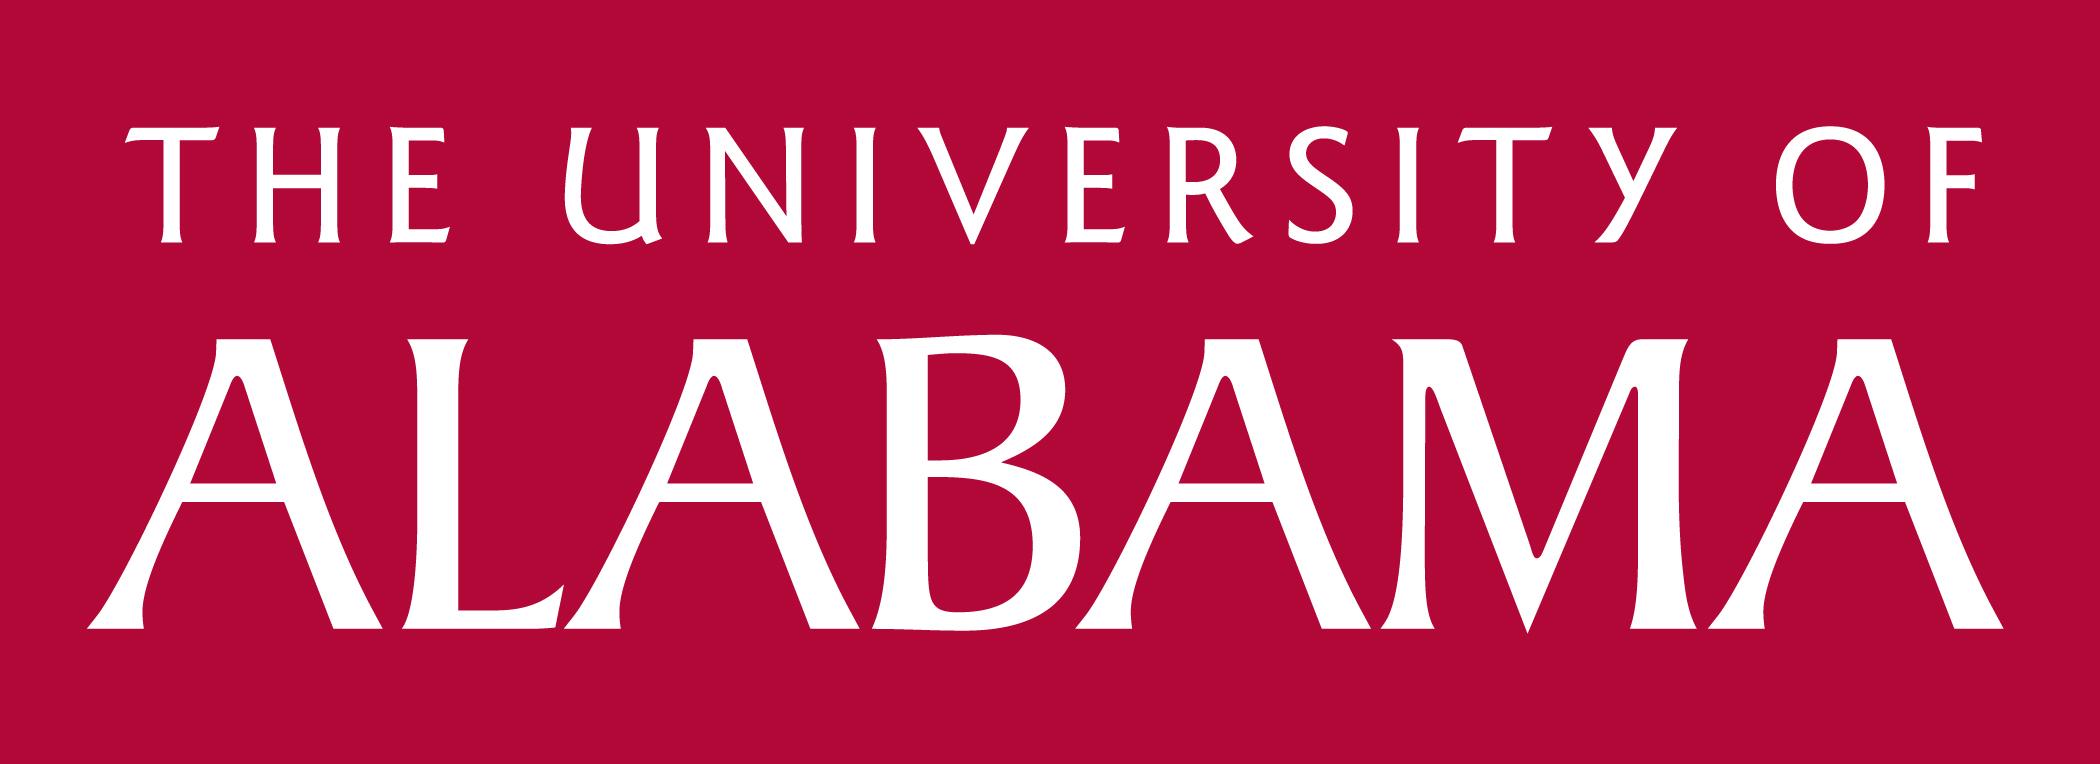 University_of_Alabama_logo